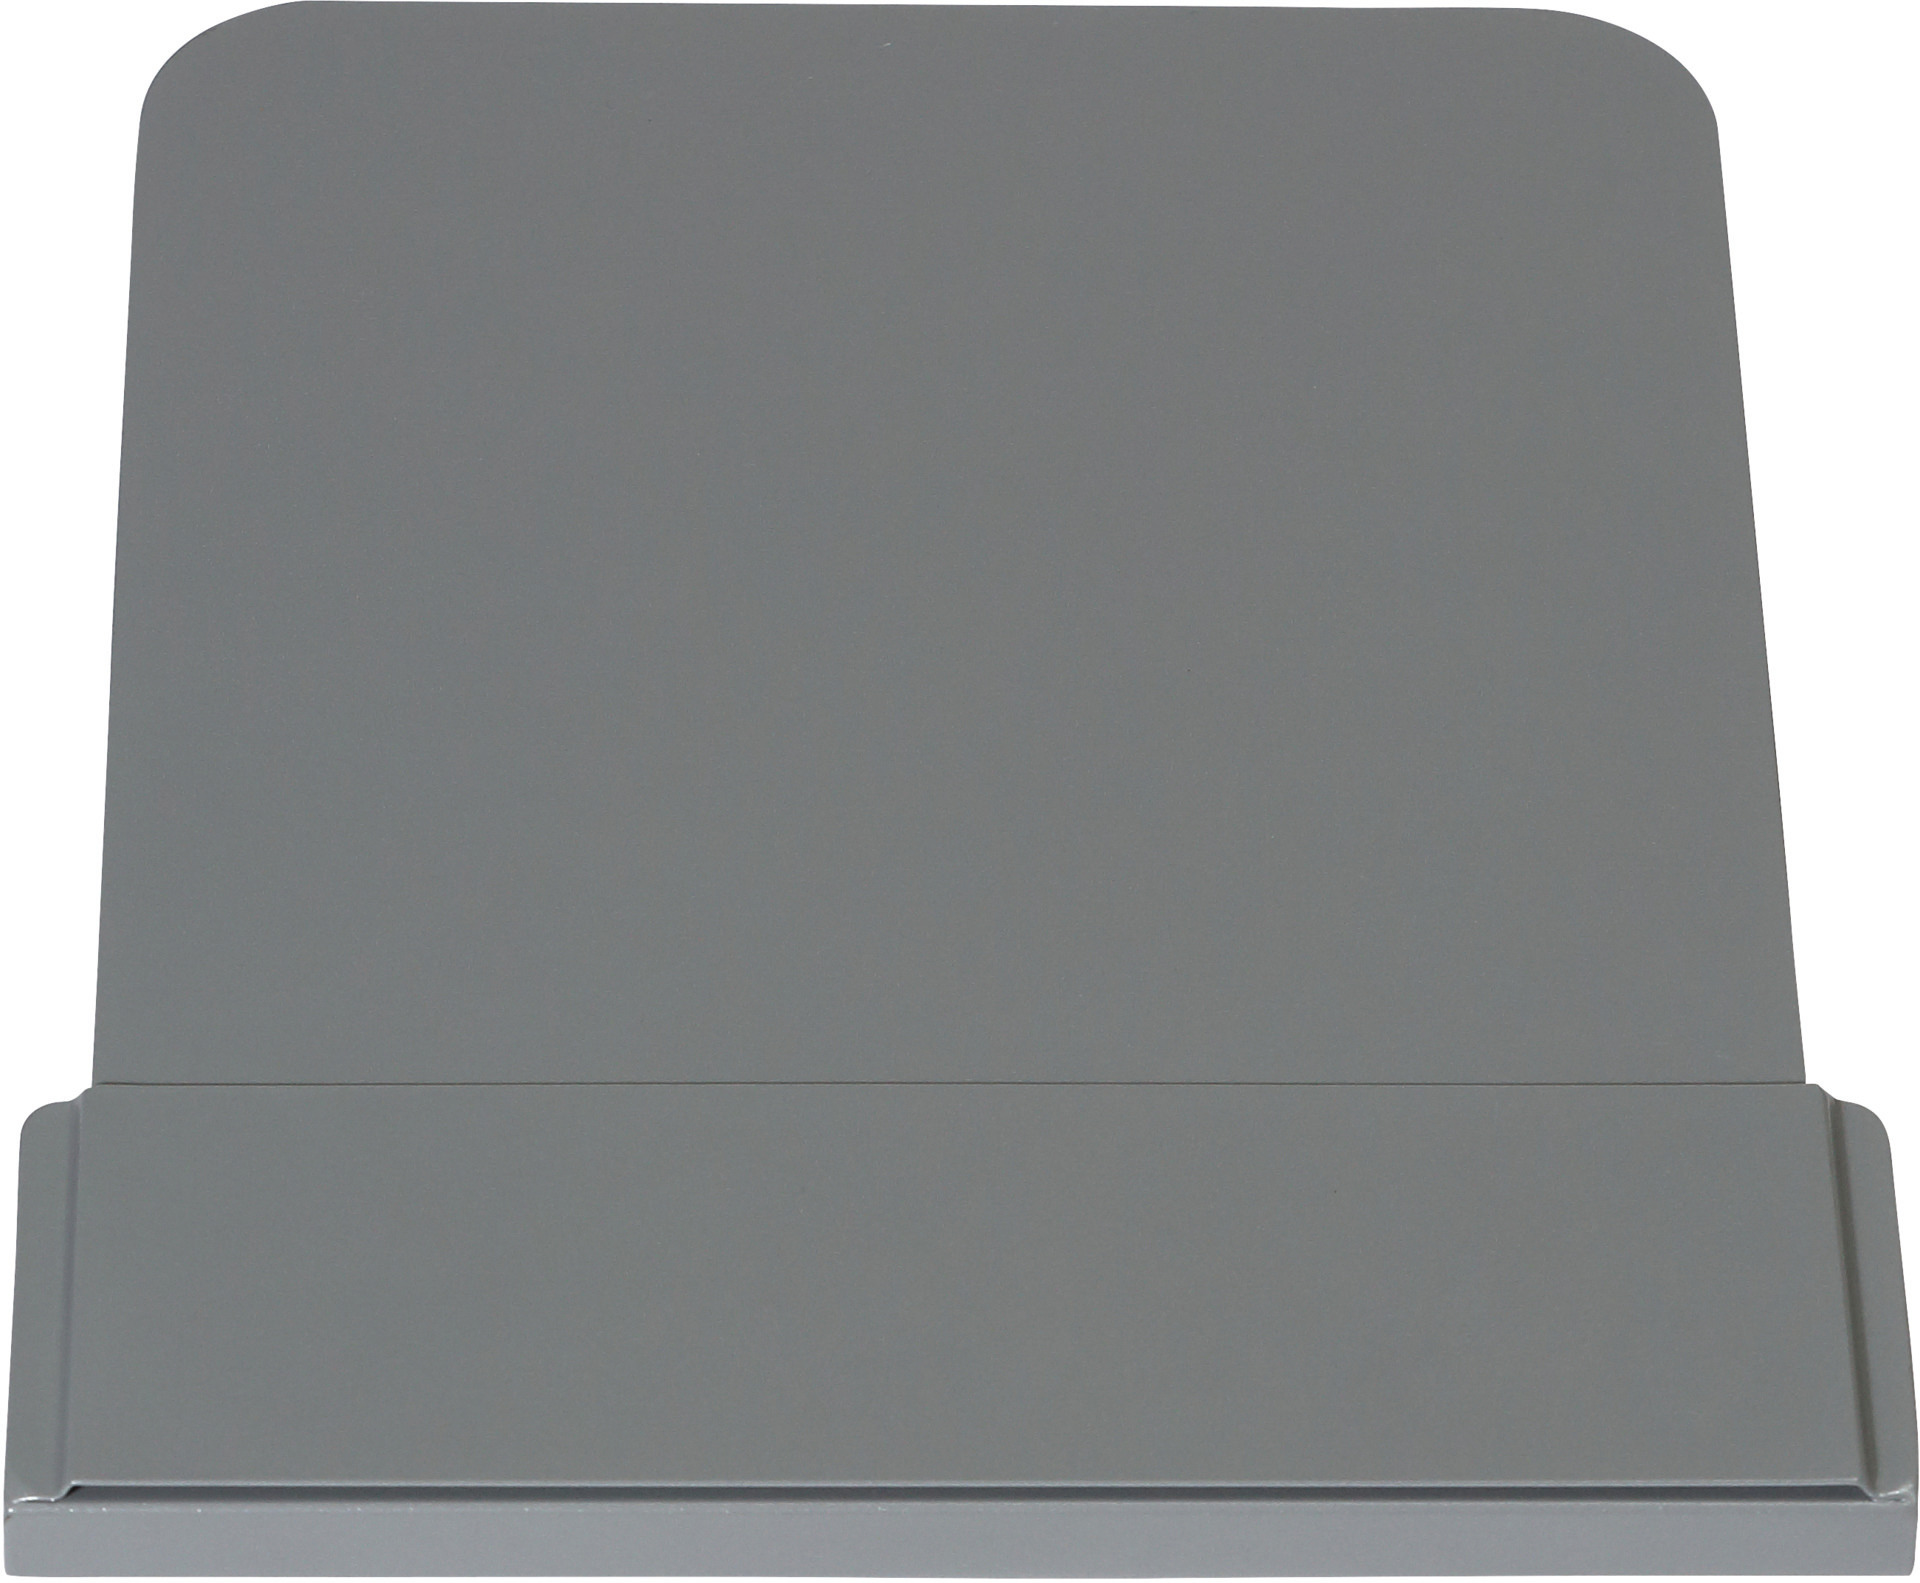 Anzeigetafel grau für Abfalleimer 861109 bis 861116